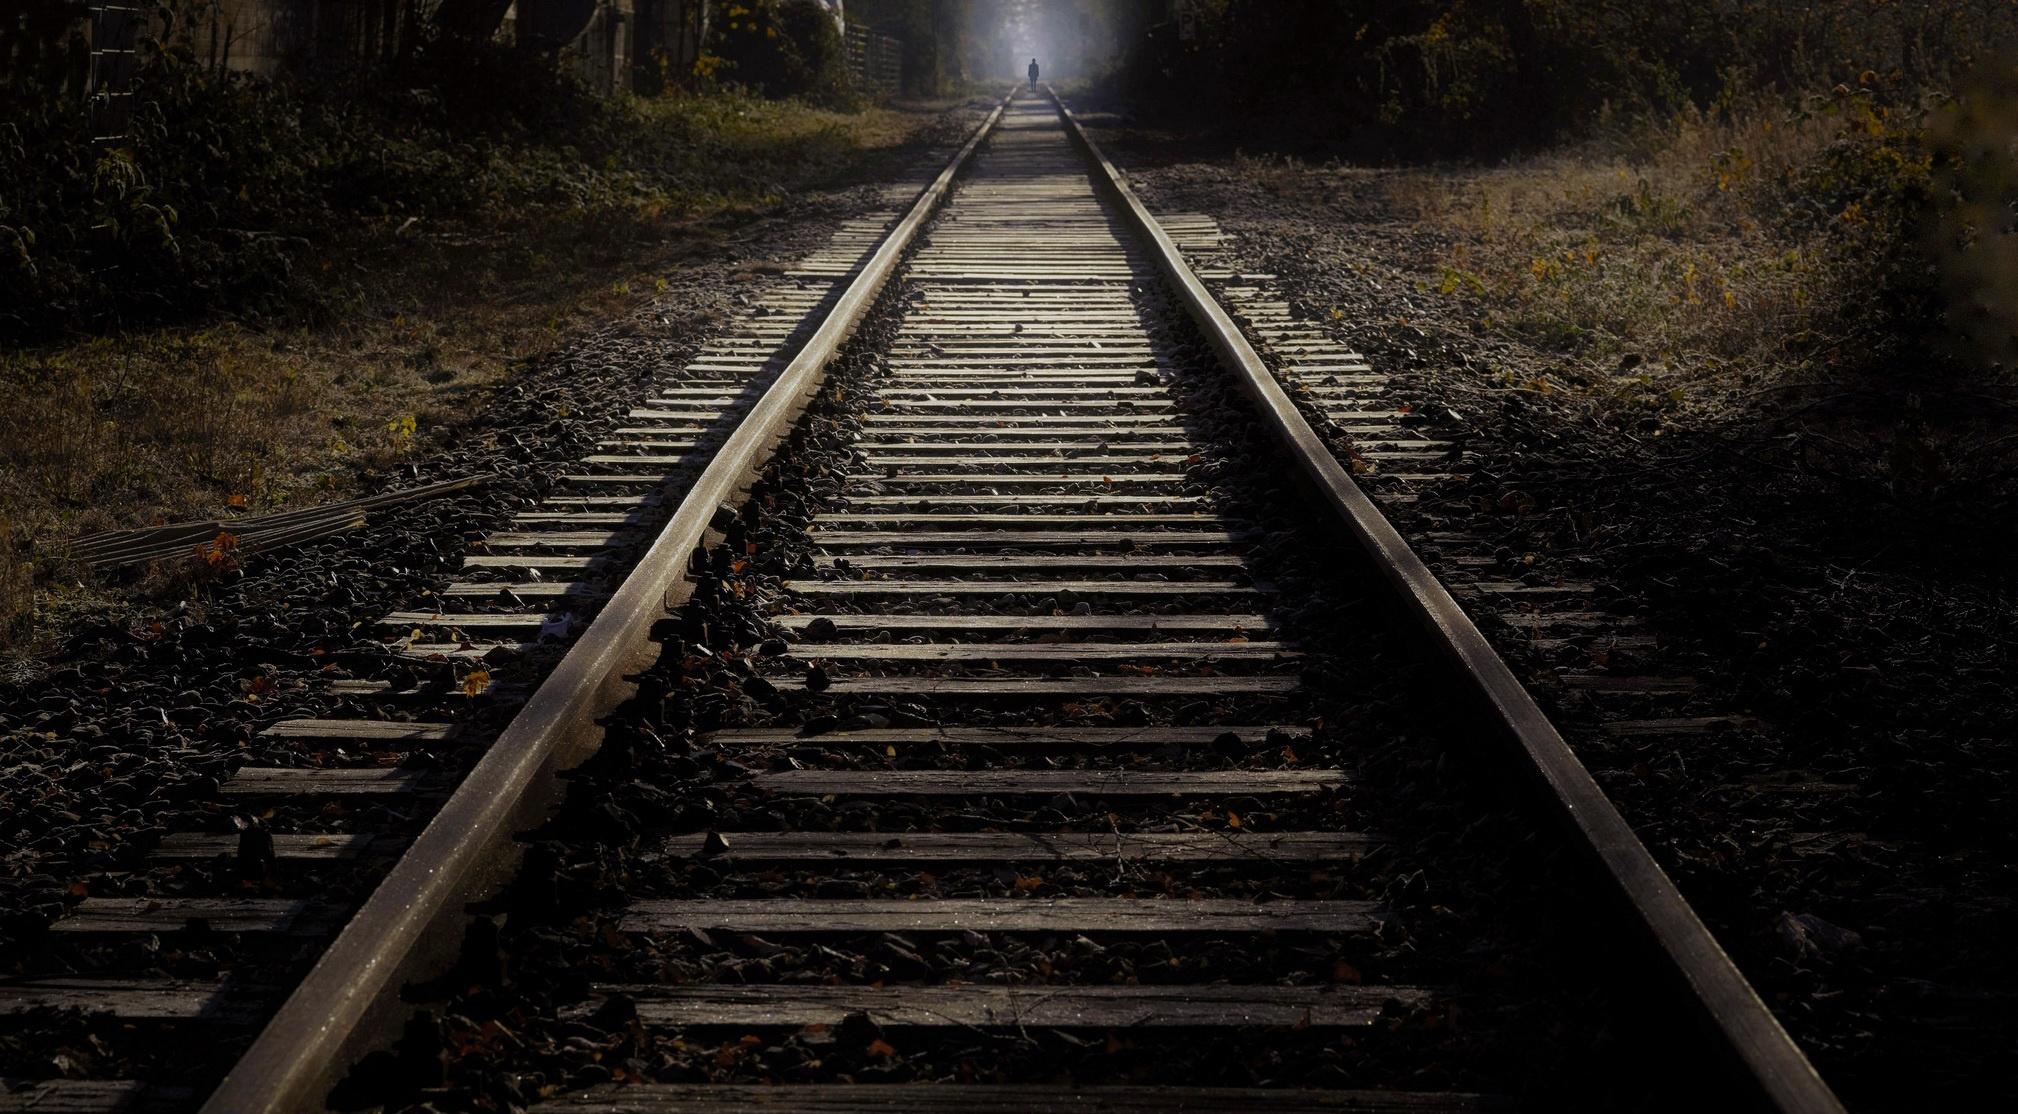 именно картинки поездов уходящих в путь солистки столь